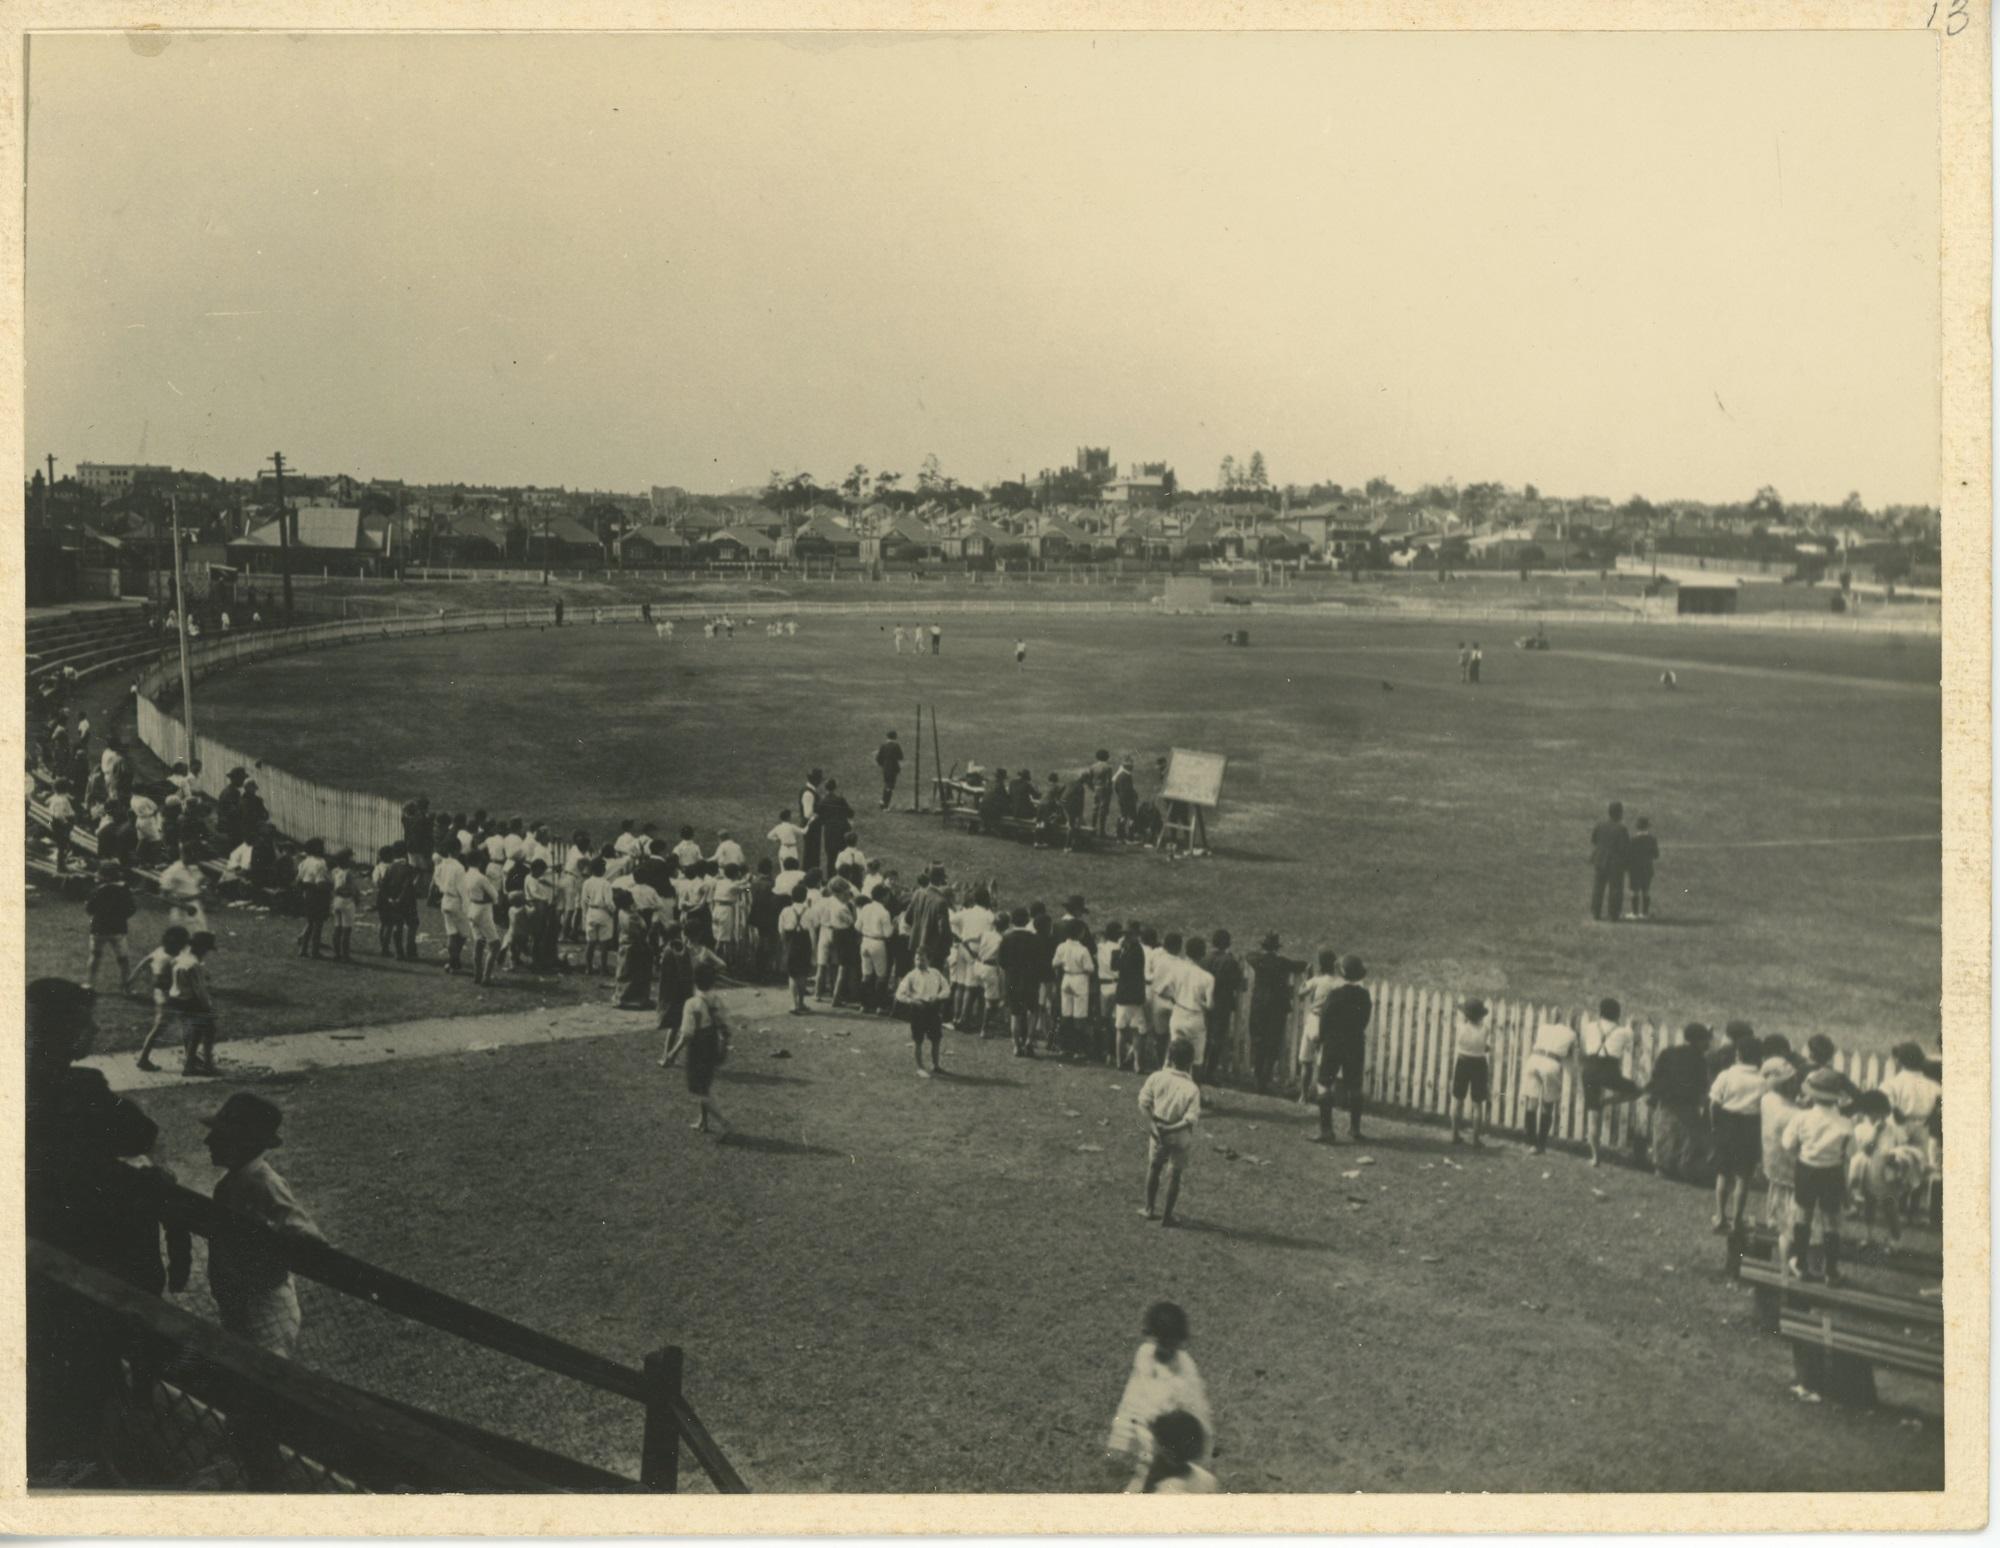 Marrickville oval